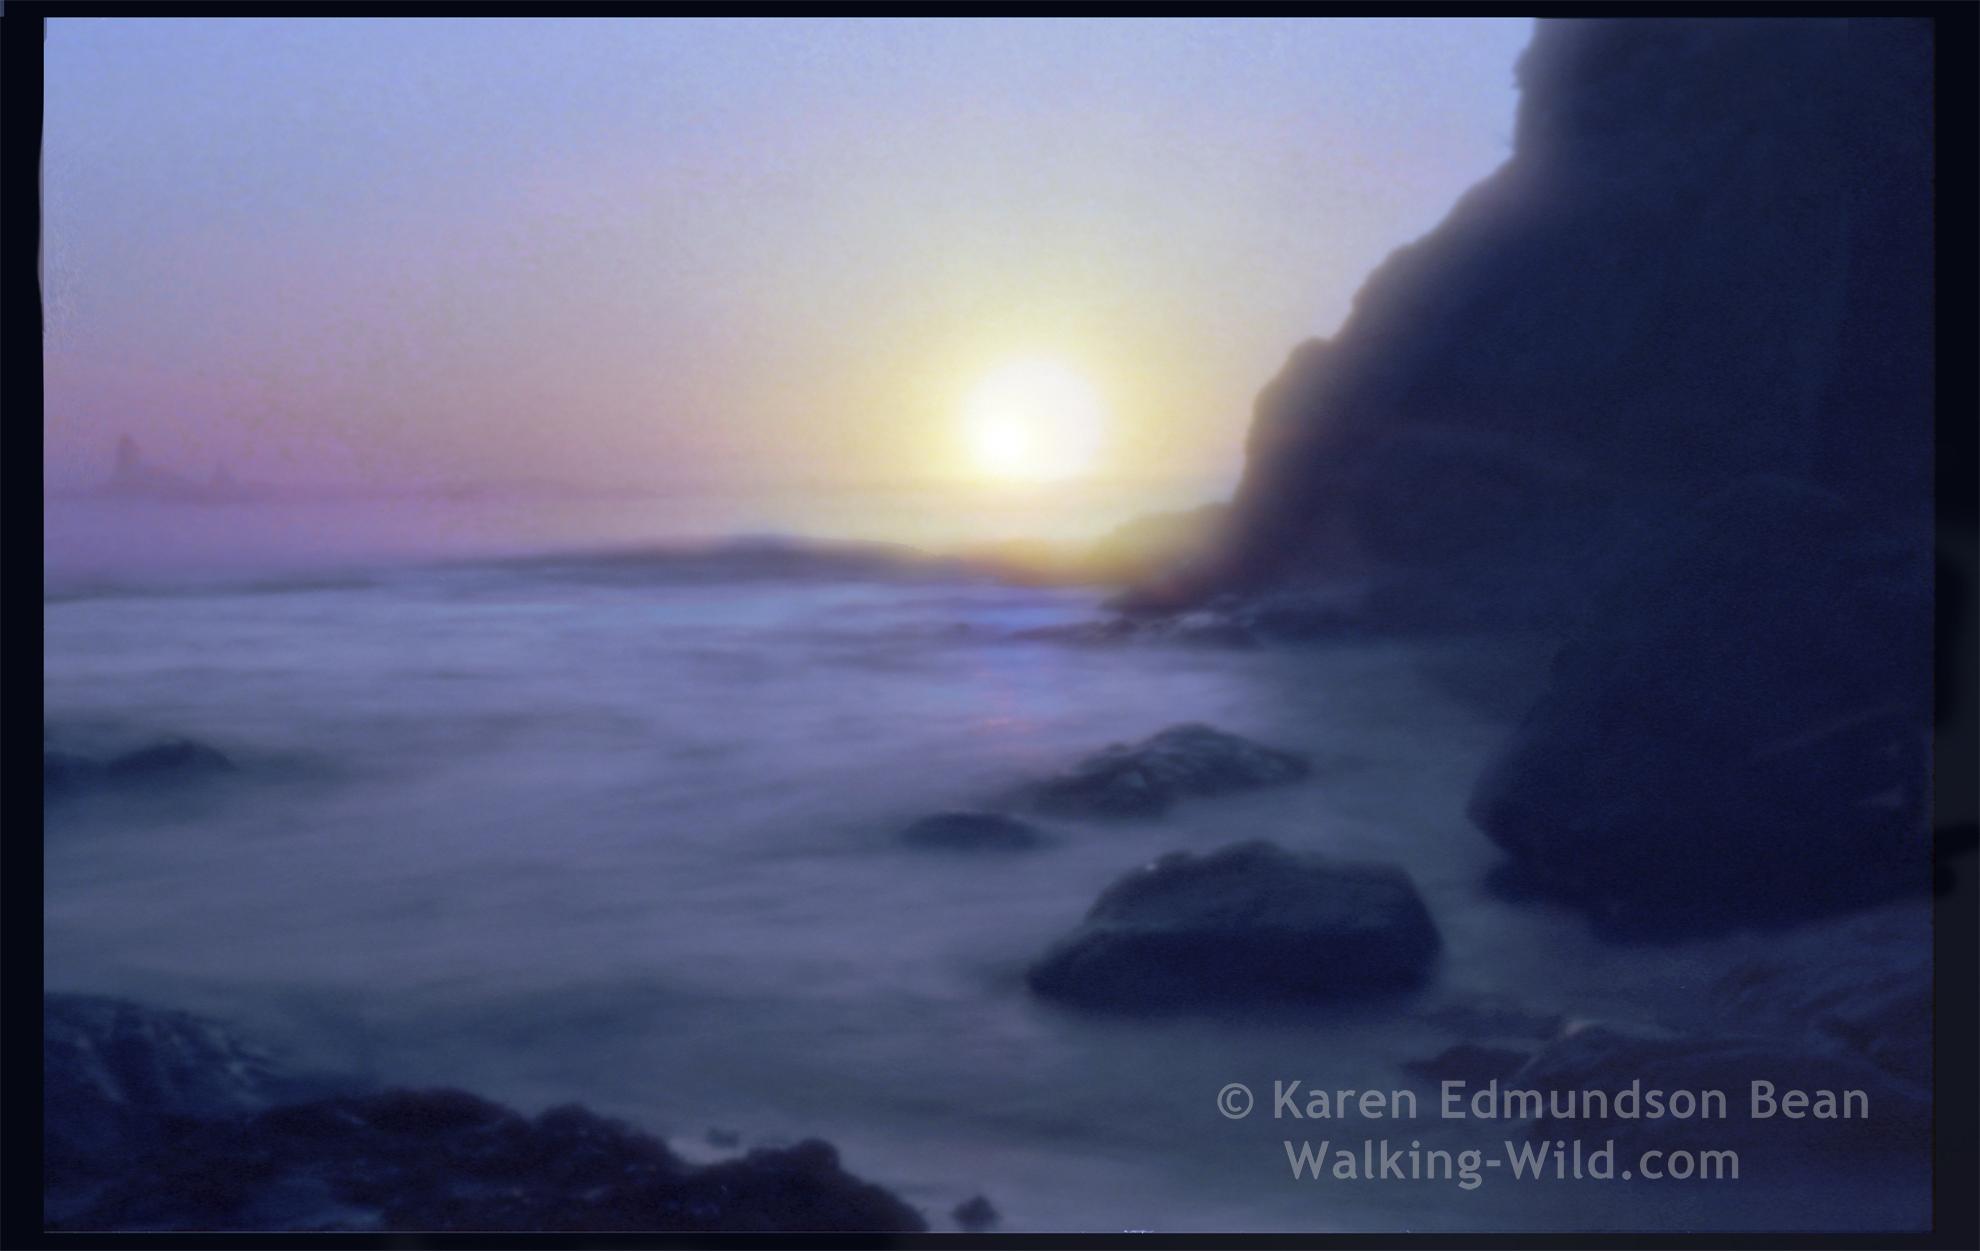 PinholeSunset by Karen Edmundson Bean, Maple Falls, WA